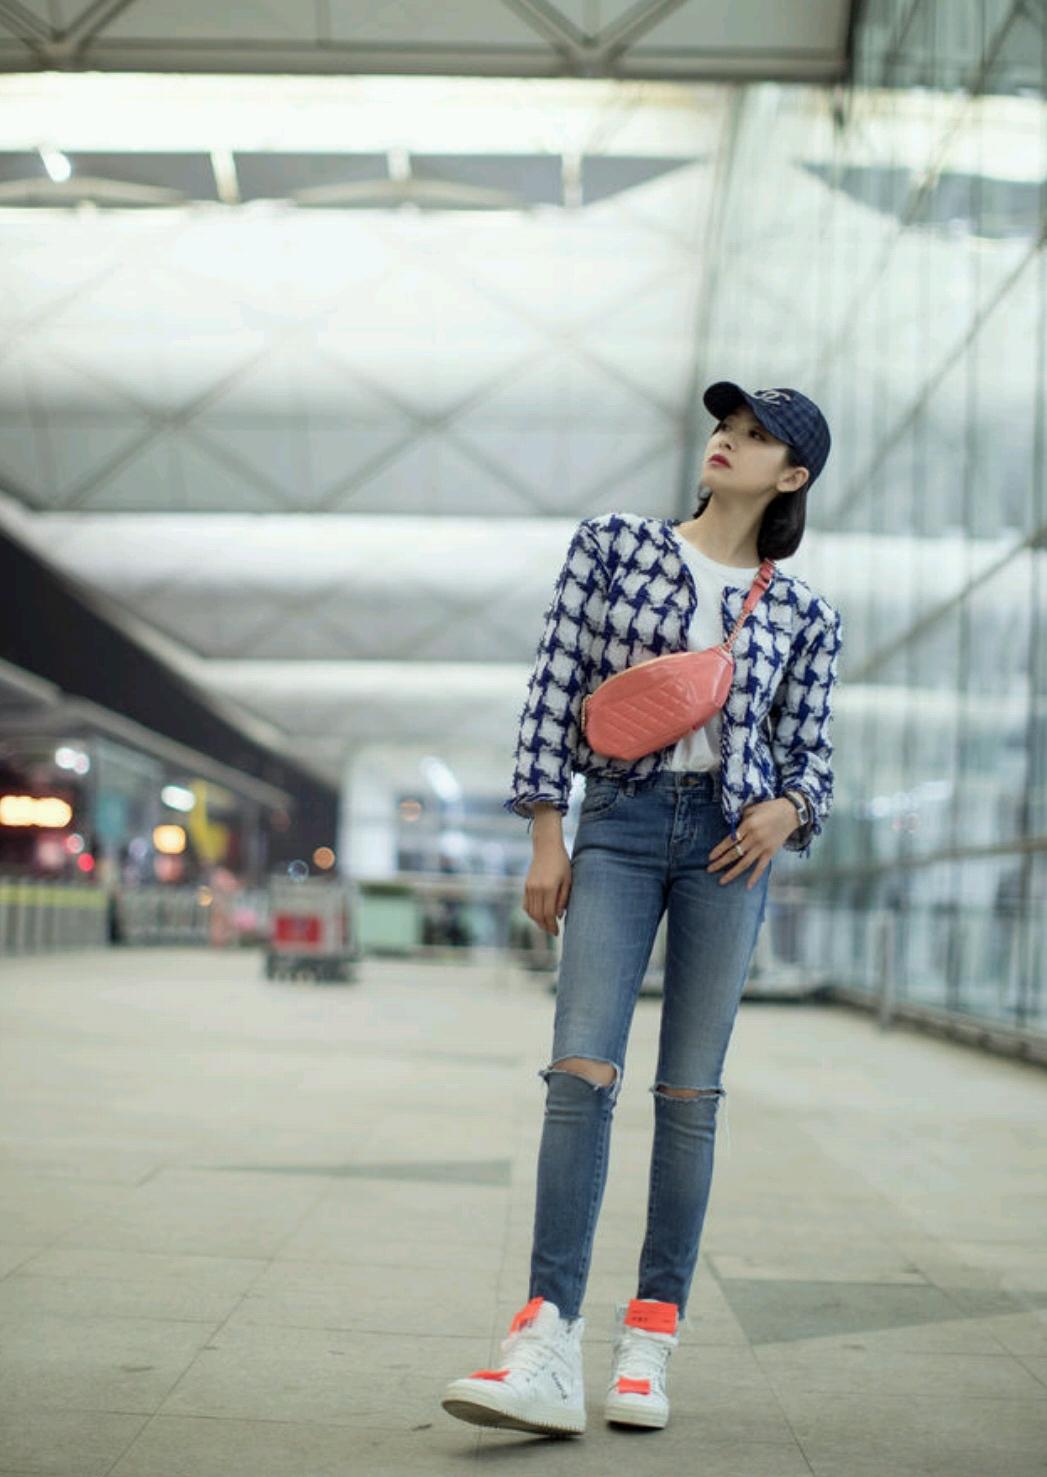 16岁女生牛仔外套_32岁宋茜又换新造型,穿红色上衣配牛仔裤,就轻松嫩成少女!_休闲